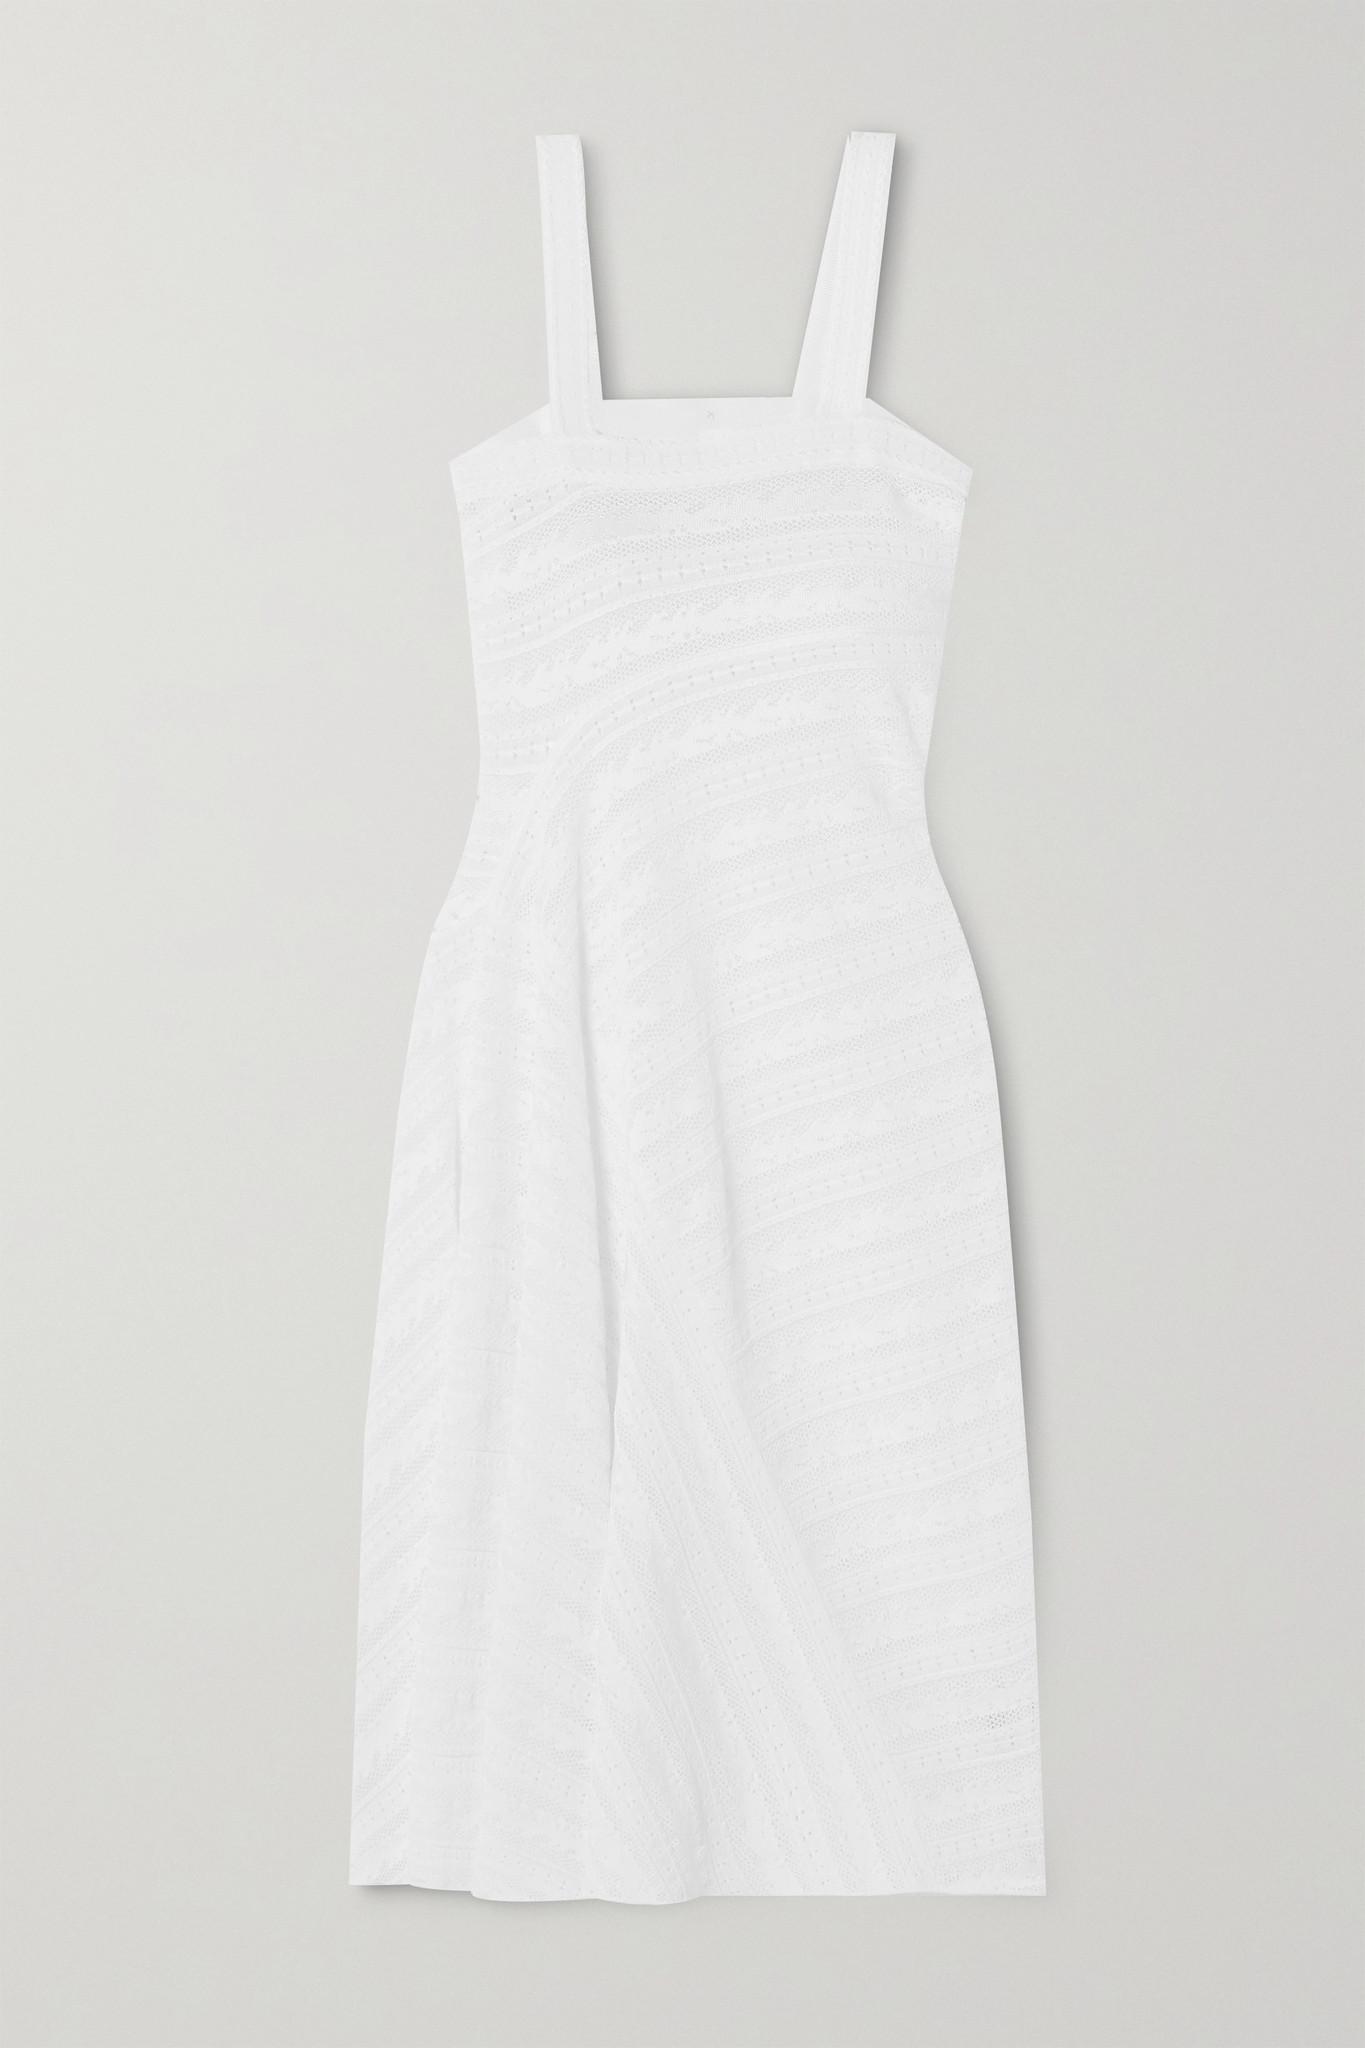 ALAÏA - 弹力蕾丝连衣裙 - 白色 - FR36